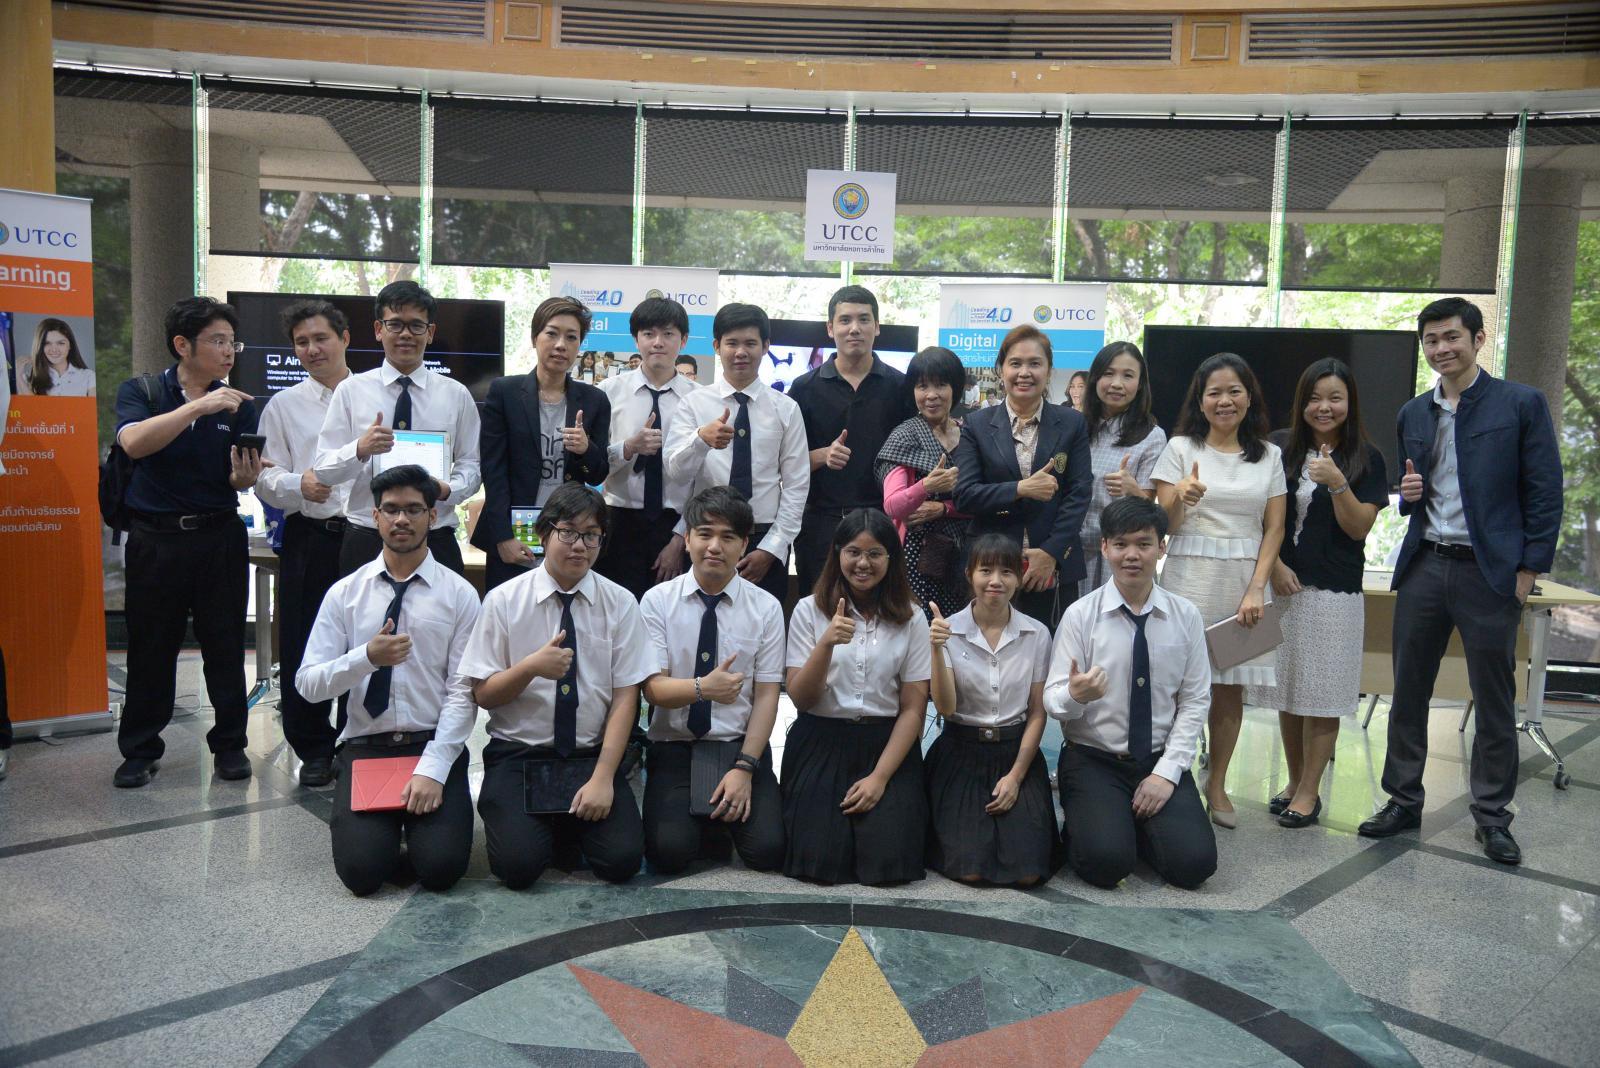 """รมช.ศึกษาธิการ ปาฐกถาพิเศษ """"สภาพแวดล้อม ทิศทางและนโยบายการพัฒนาอุดมศึกษาไทย"""""""